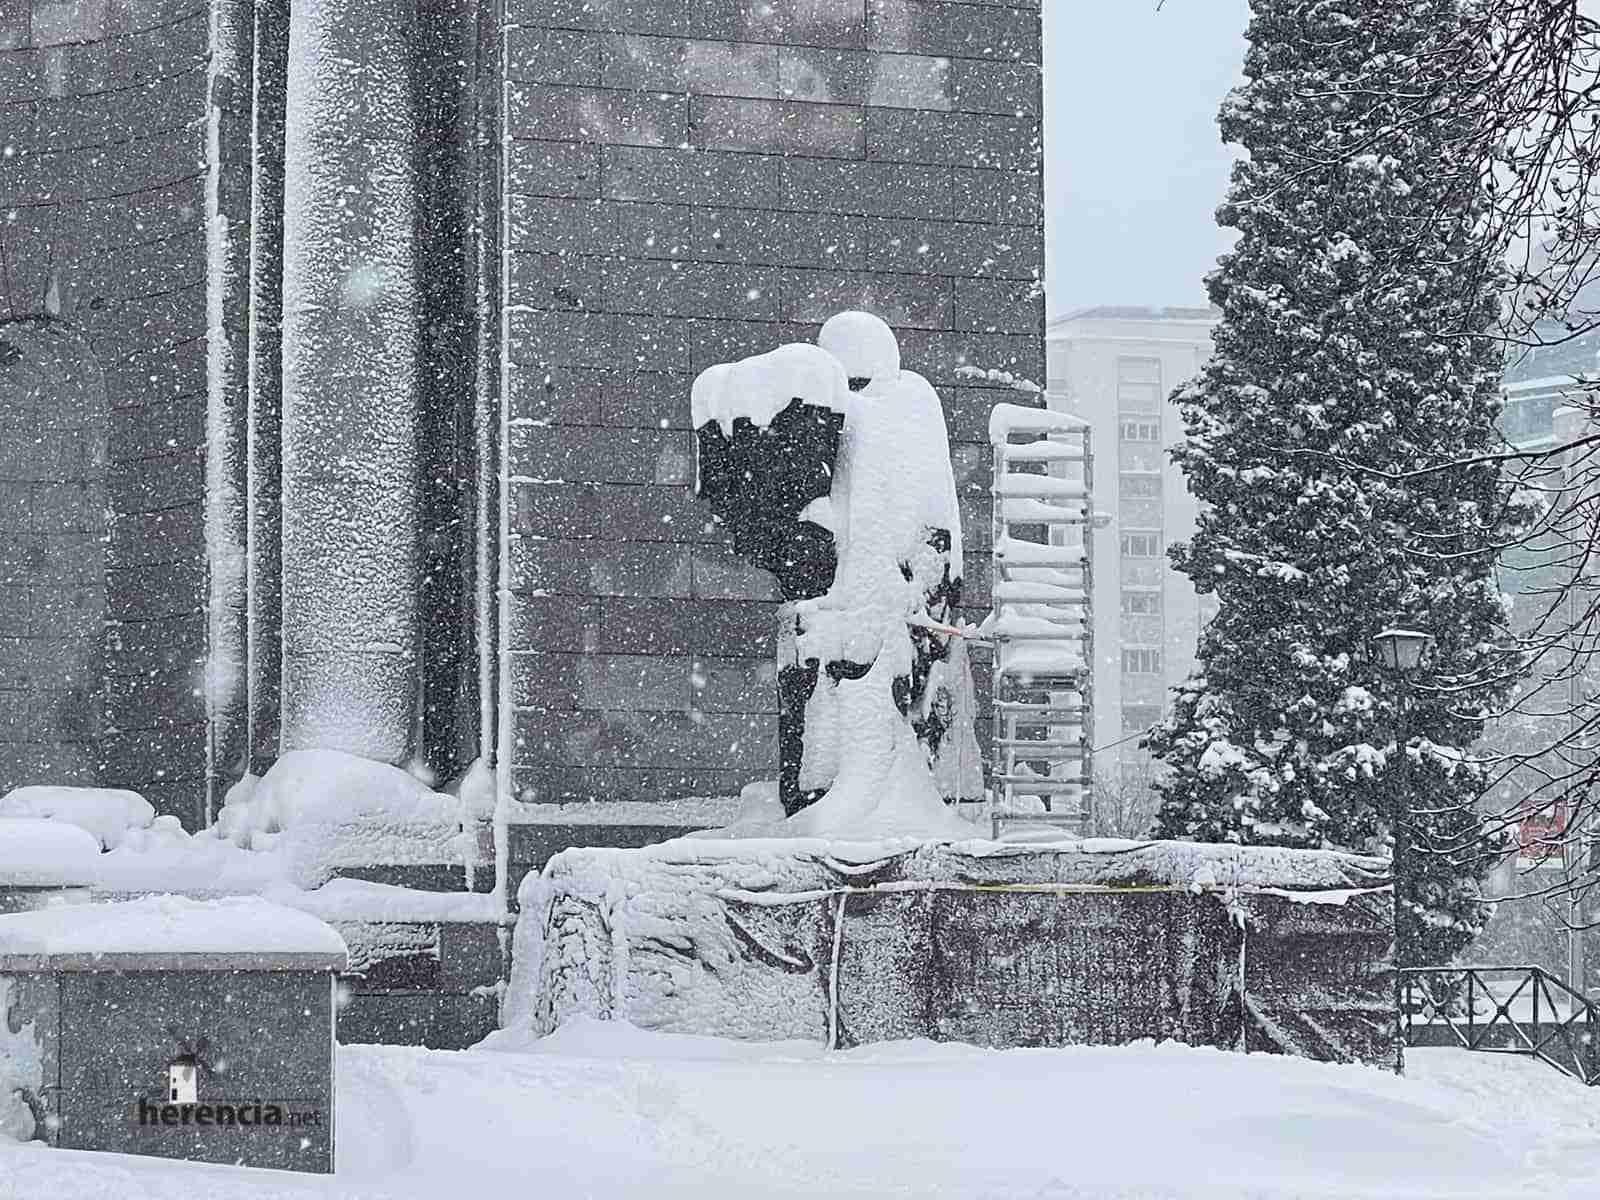 Fotografías de la nevada de enero en Madrid (España) 131